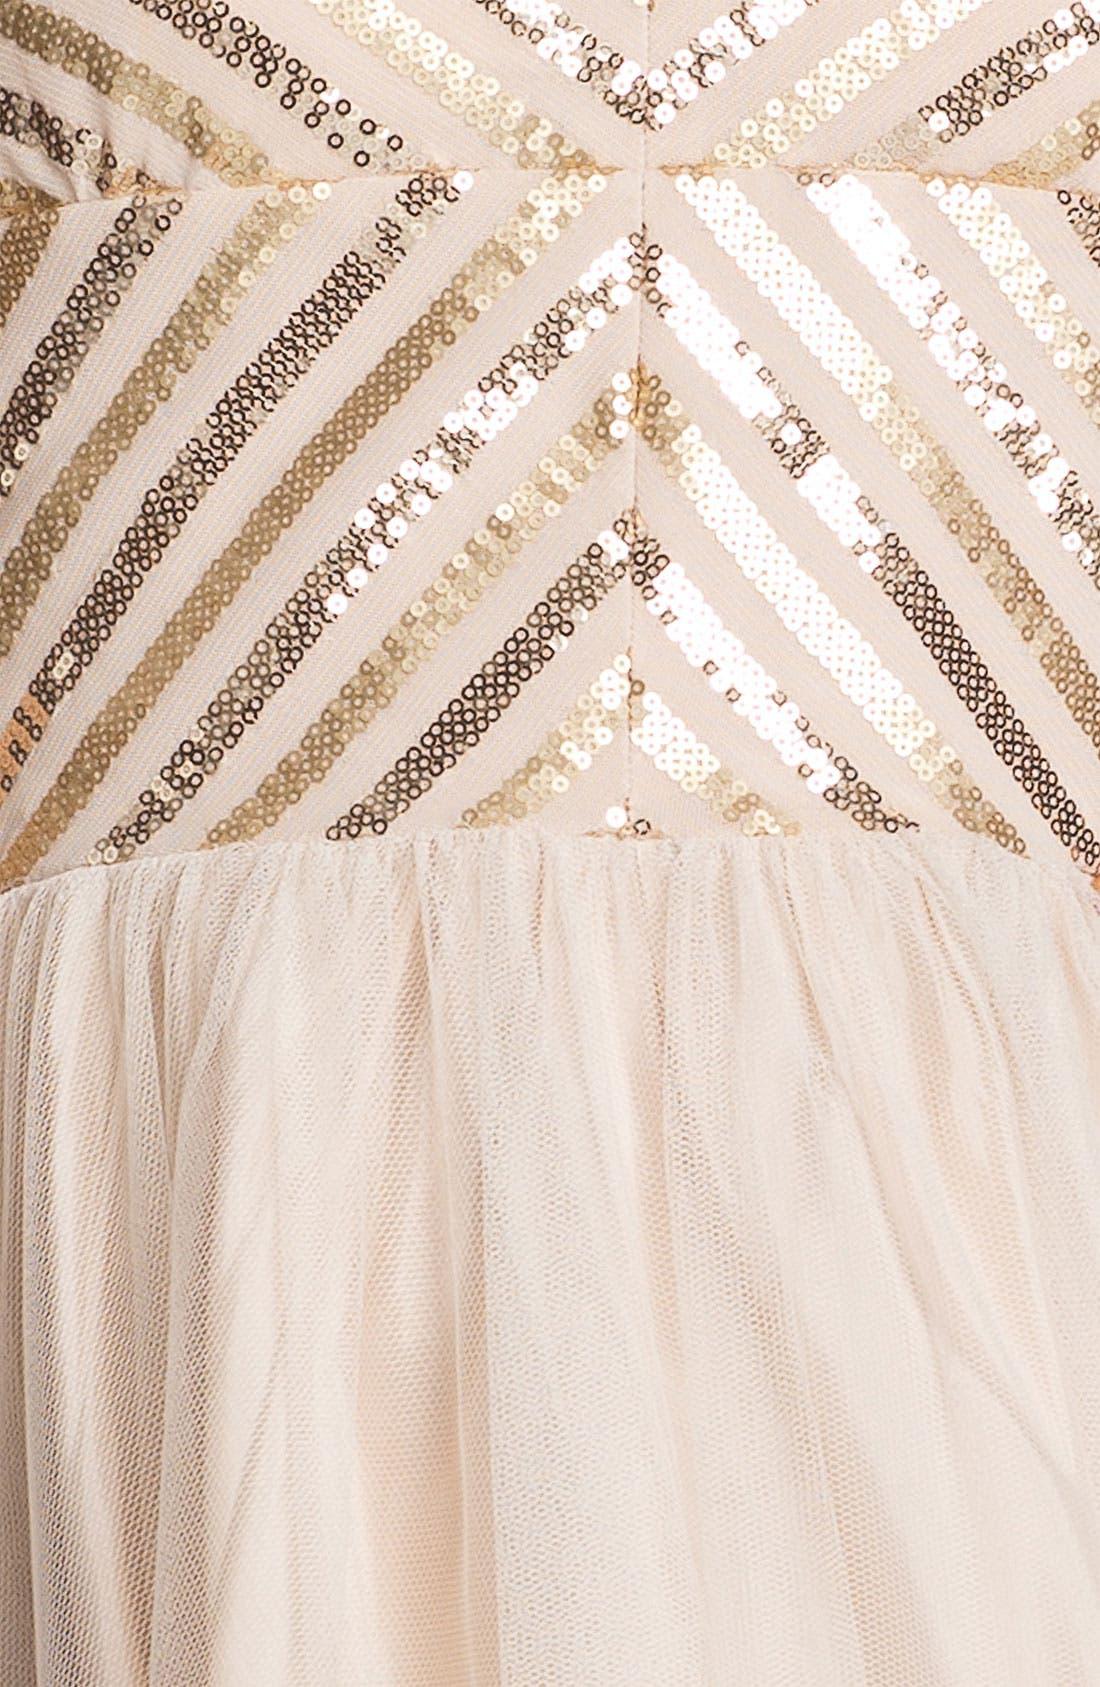 Aidan by Aidan Mattox Spaghetti Strap Sequin & Tulle Dress,                             Alternate thumbnail 3, color,                             250